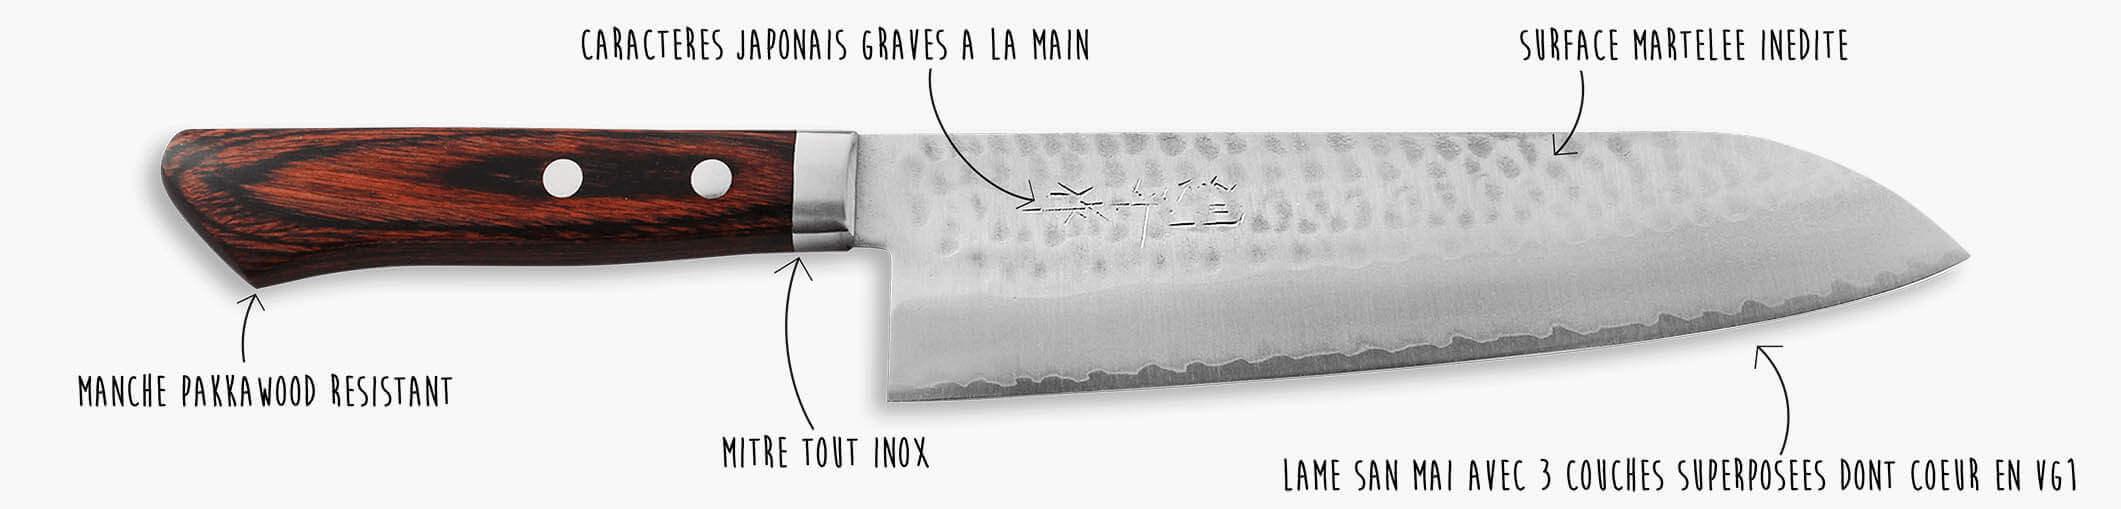 Les caractéristiques d'un couteau Masutani